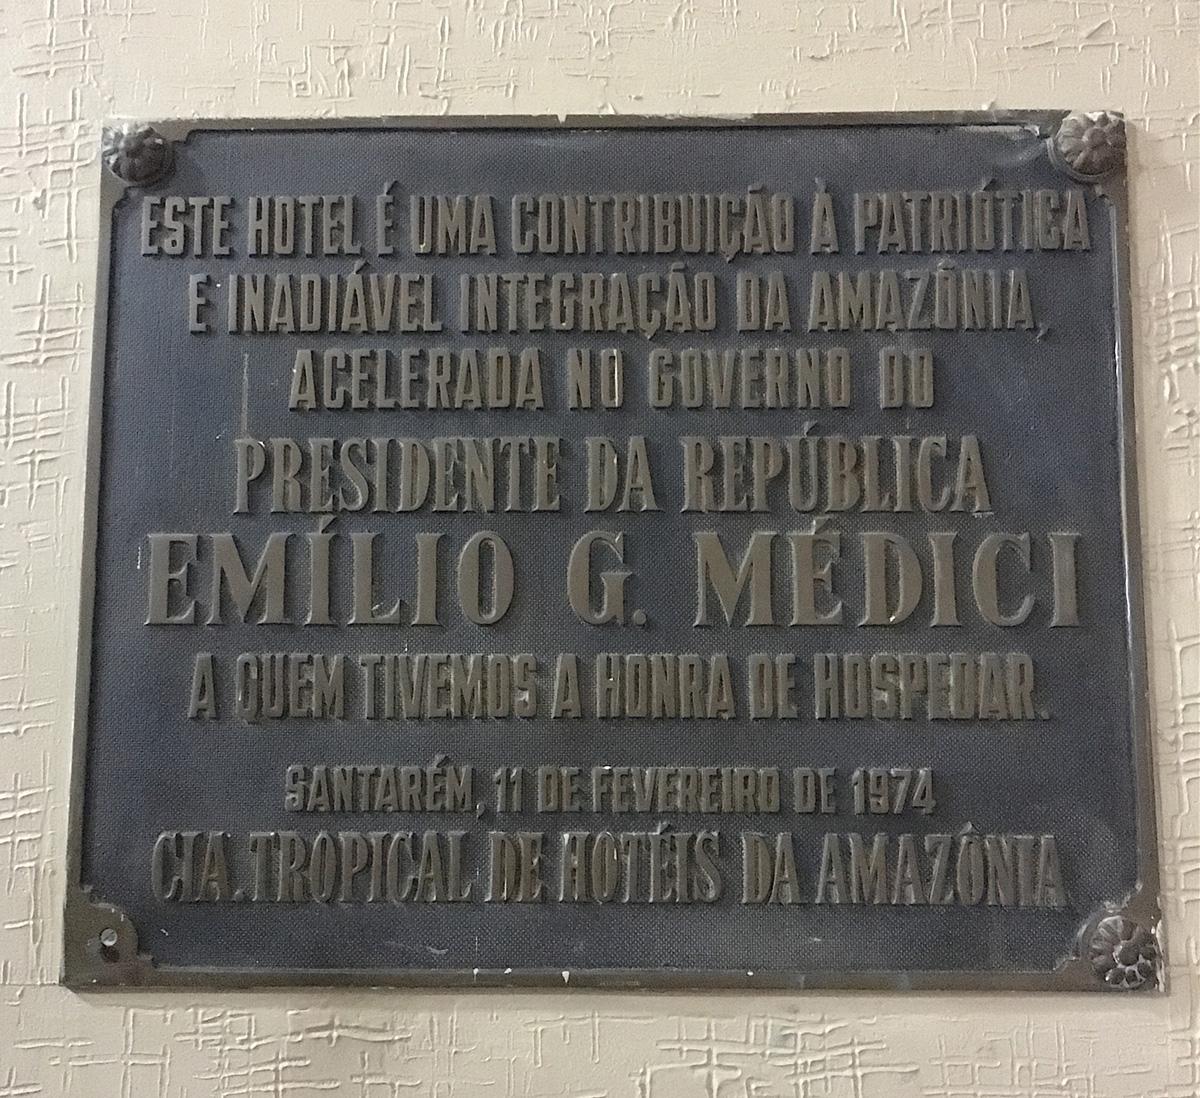 Placa em homenagem ao general Médici no Hotel Tropical de Santarém, Pará.